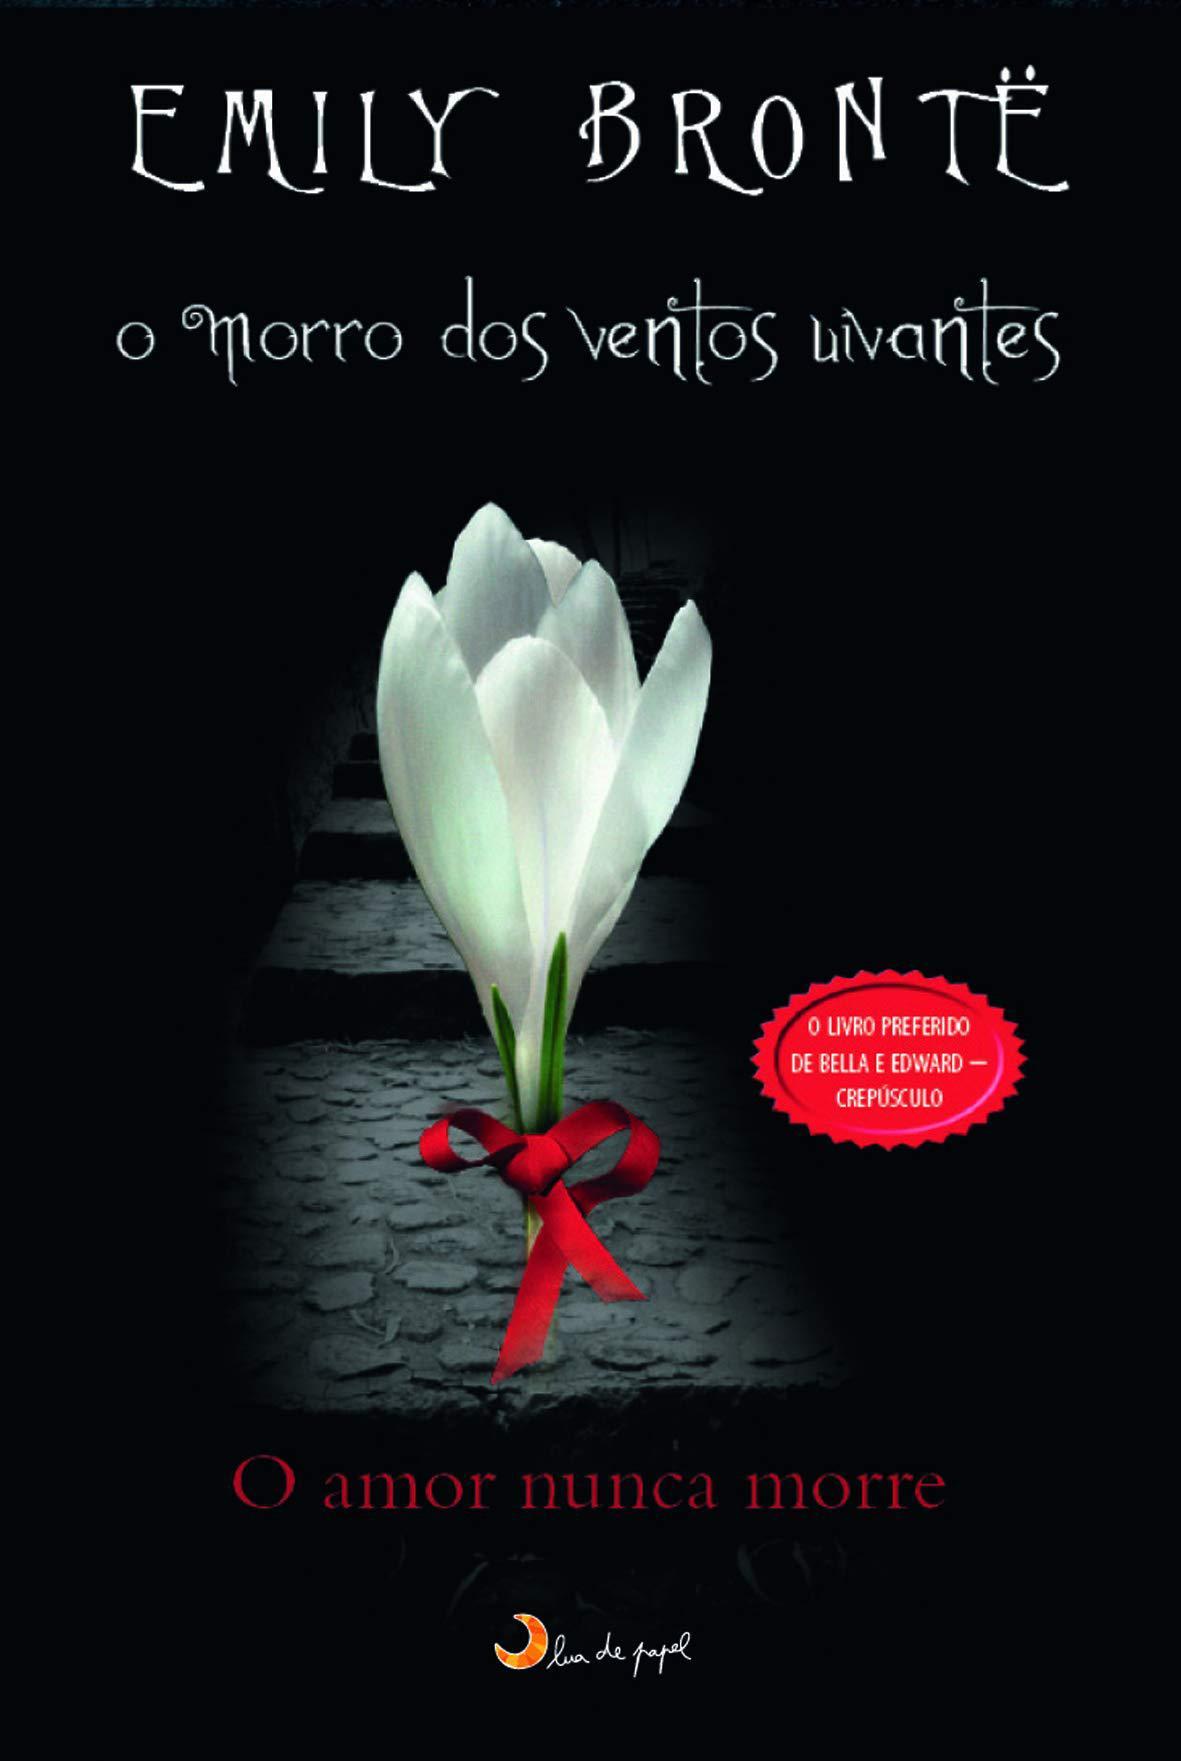 Capa de 'O Morro dos Ventos Uivantes' ao estilo de 'Crepúsculo', publicada pela editora Lua de Papel. Em vermelho, os dizeres 'O livro preferido de Bella e Edward – Crepúsculo'